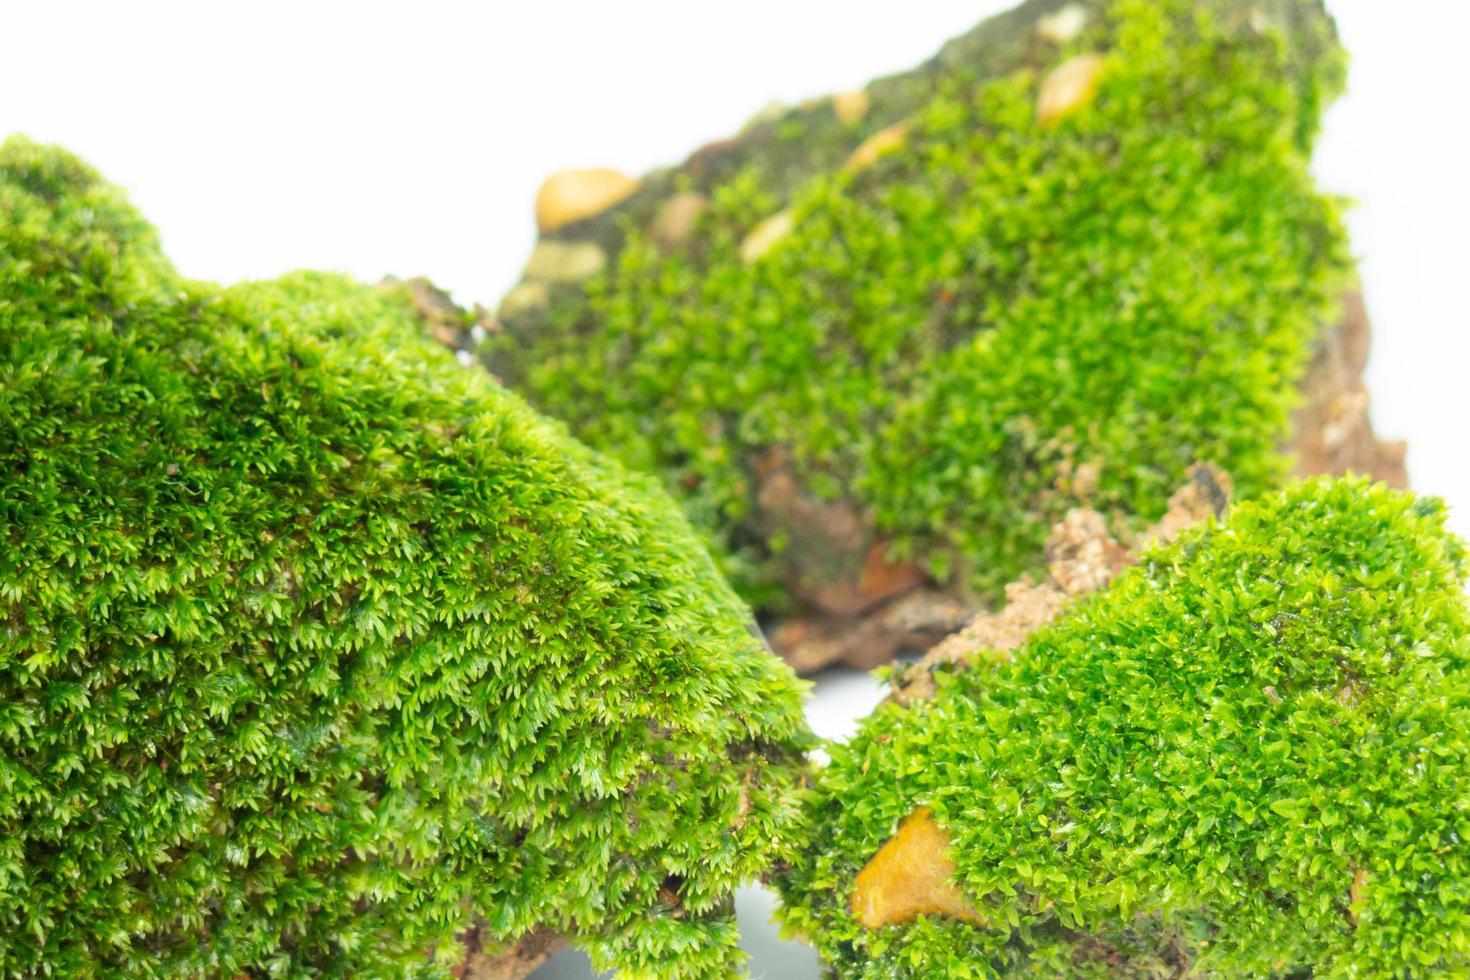 un primo piano della superficie del muschio verde. ambientato su uno sfondo bianco foto